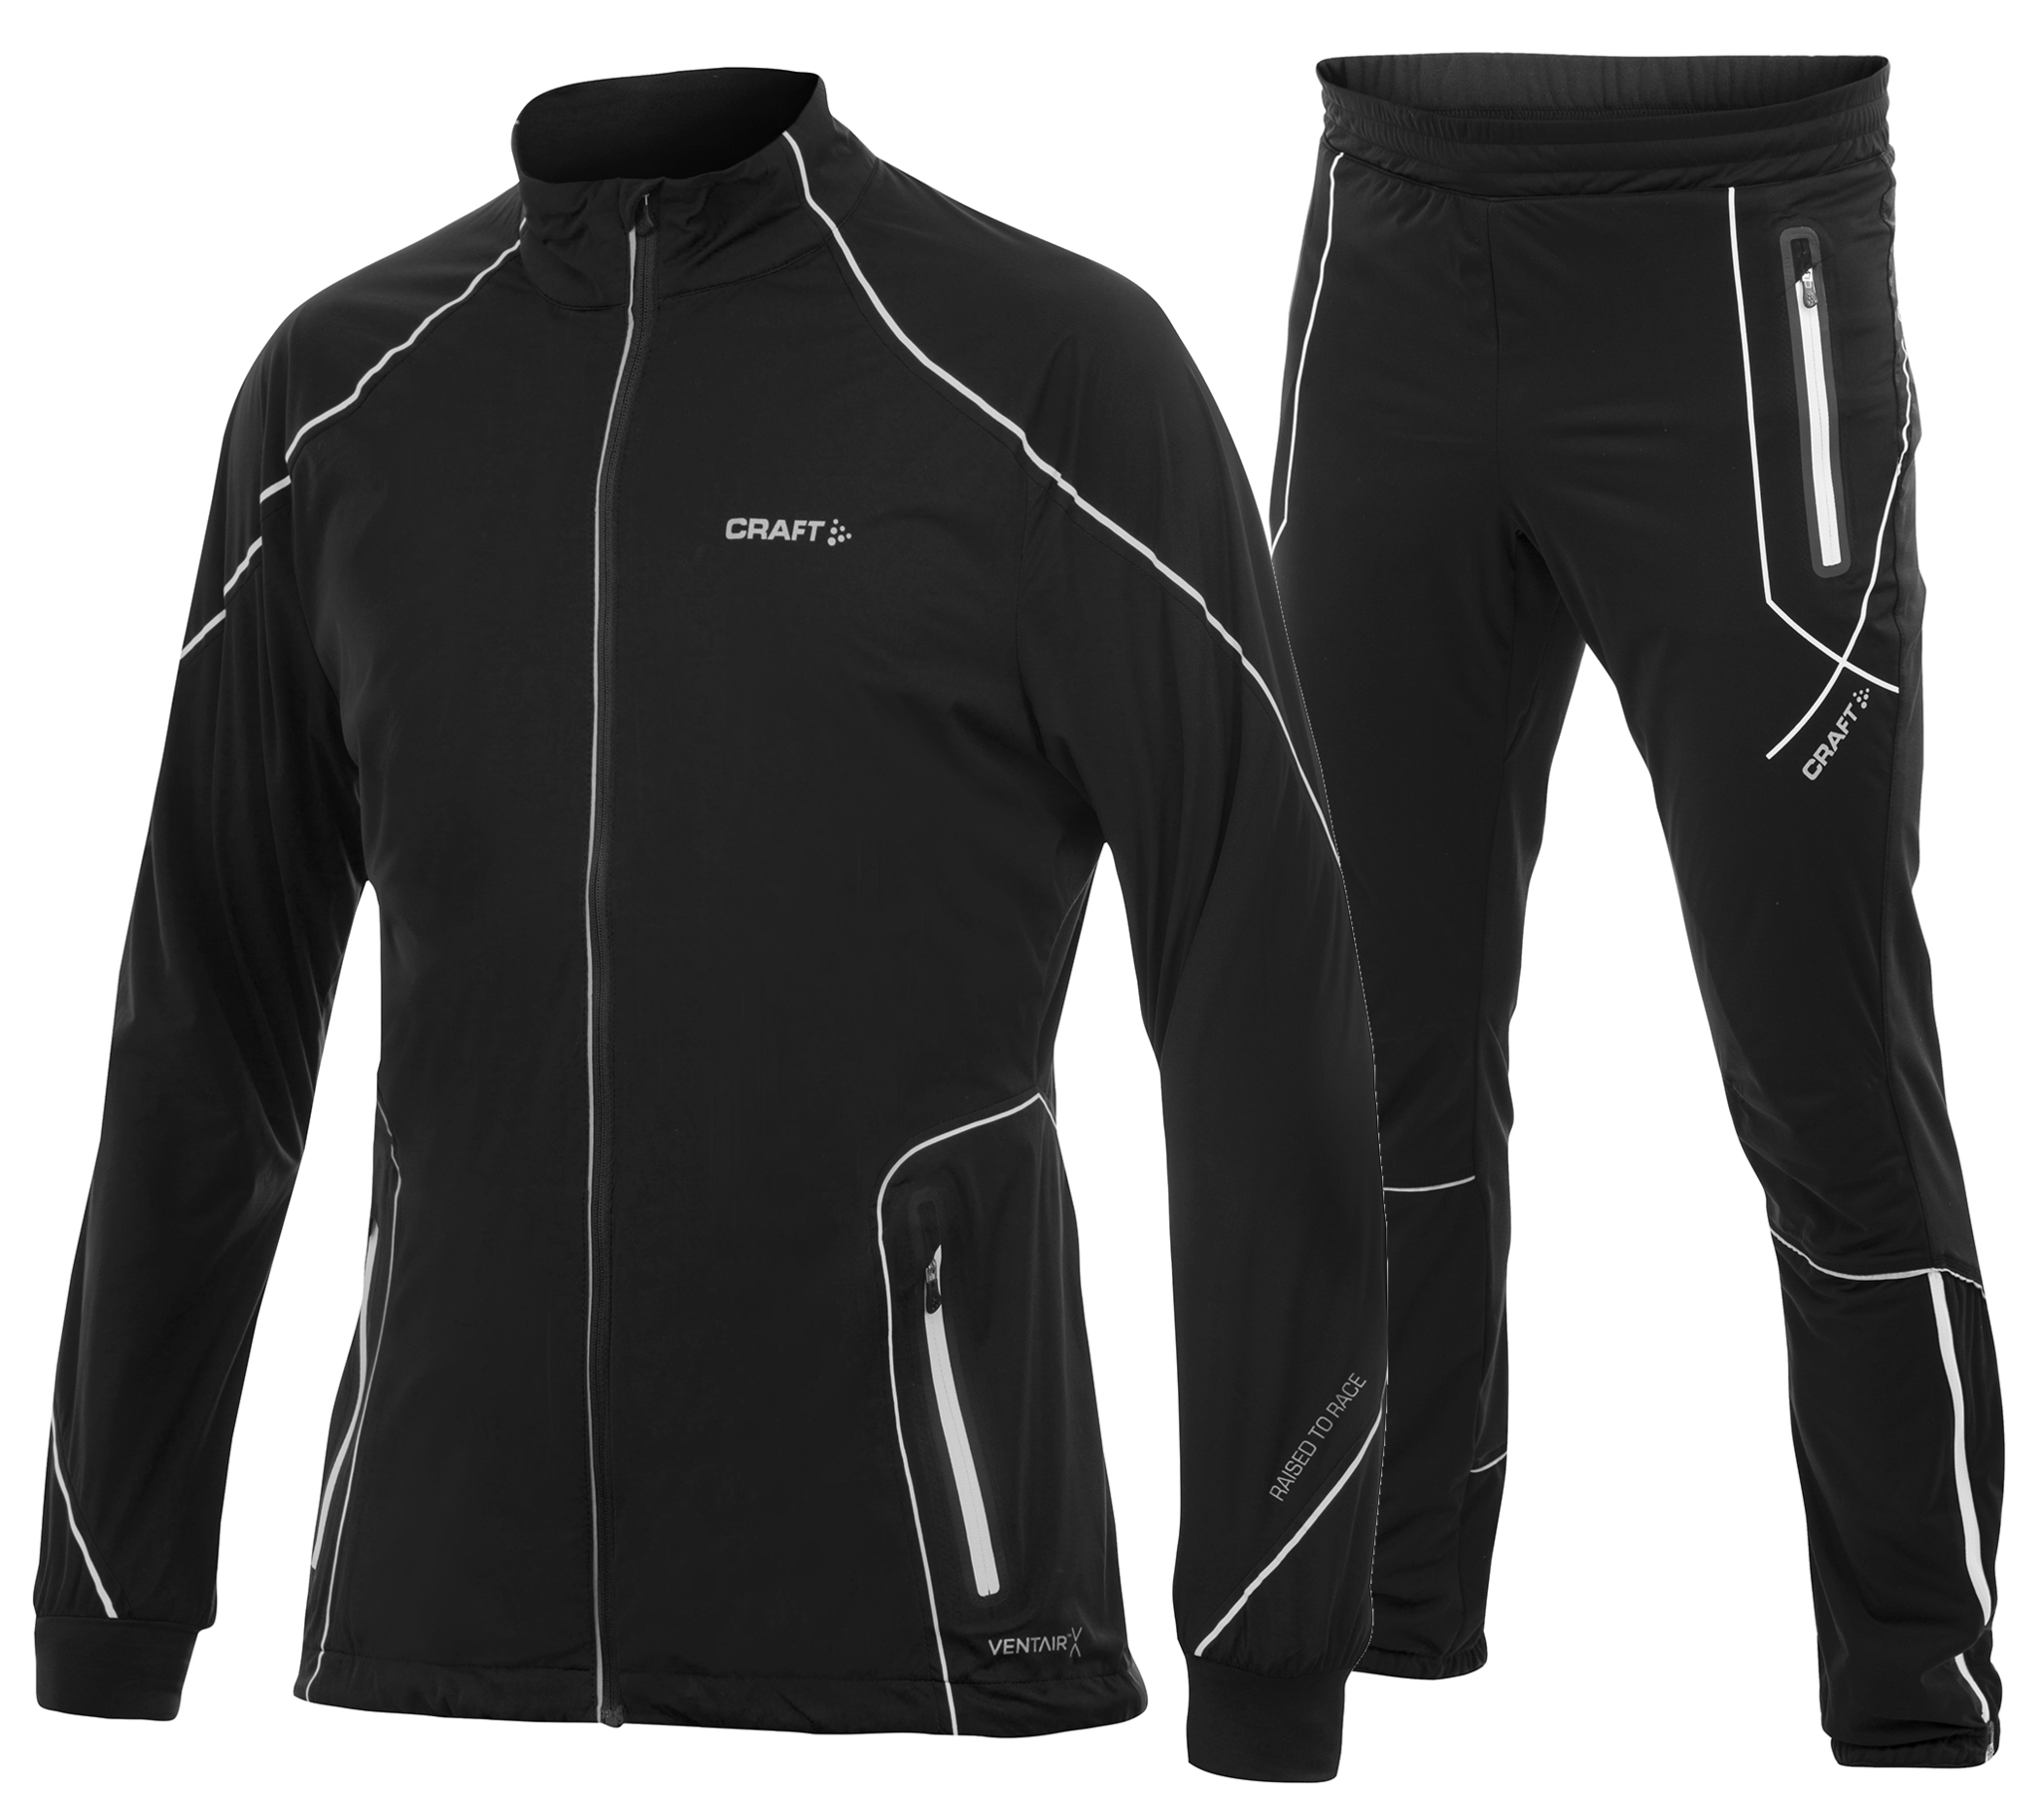 Мужской лыжный костюм Craft High Function 1902269-9900-1902270 черный фото